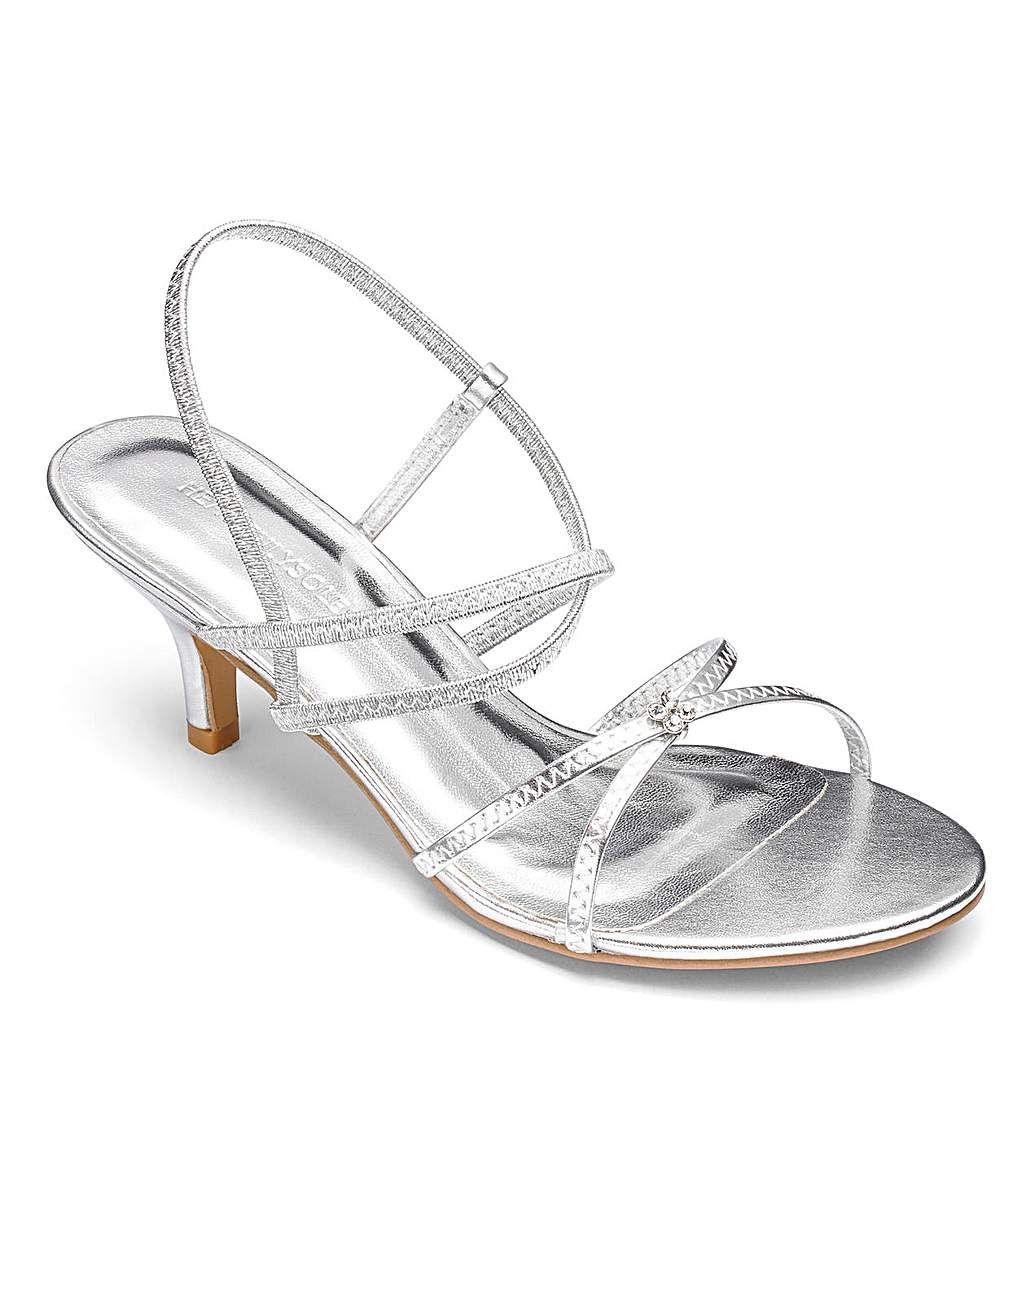 747010d5662 Heavenly Soles Sandals EE EEE Fit